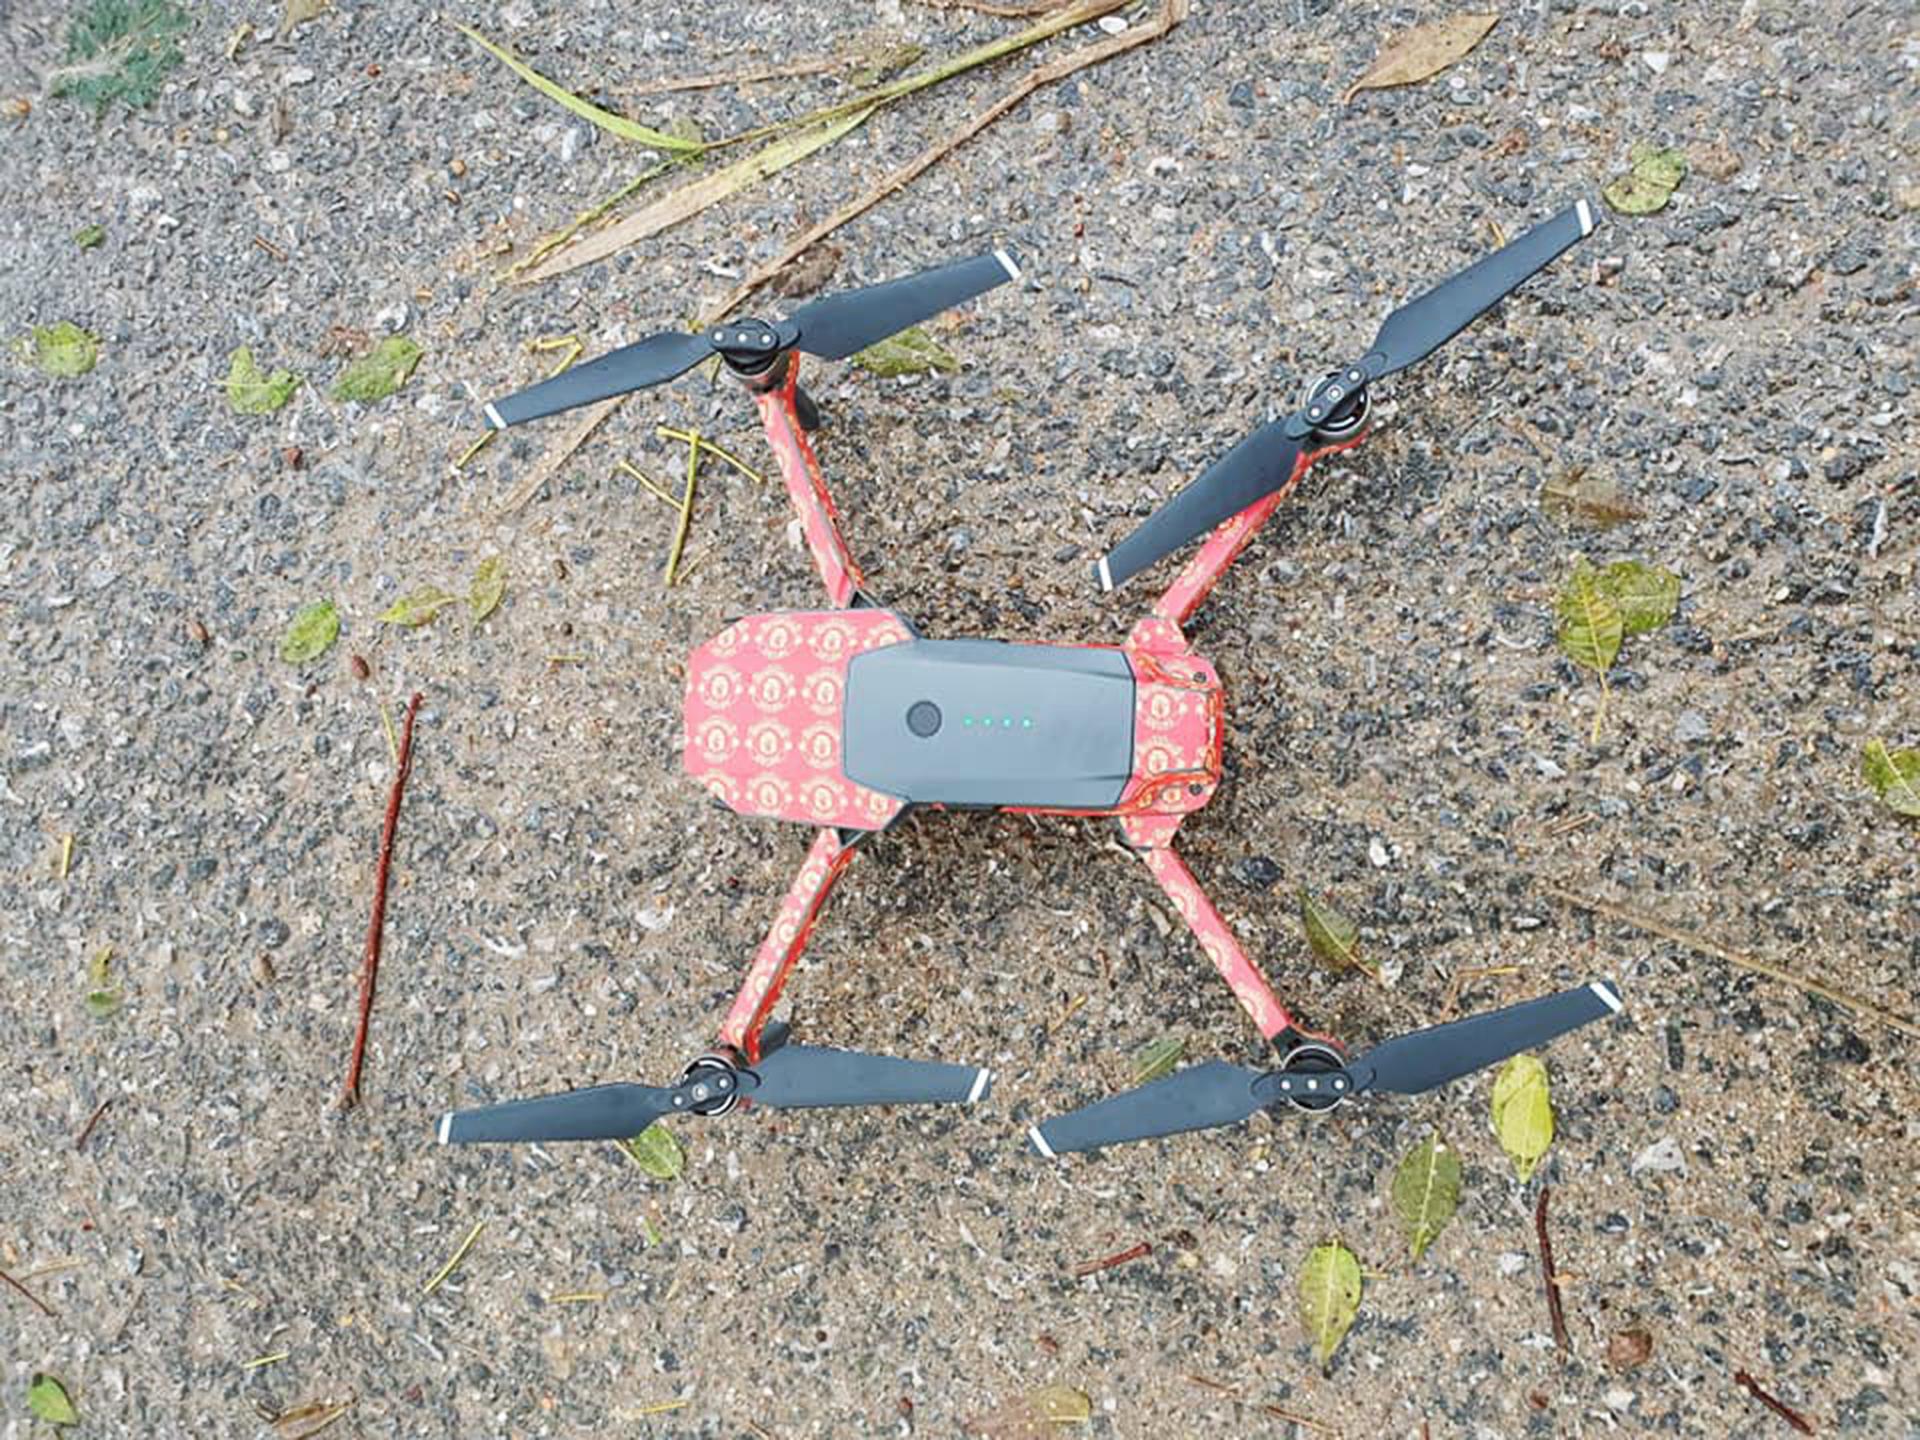 7 TIPS CẢI THIỆN KĨ THUẬT LÁI DRONE CHUYÊN NGHIỆP 2